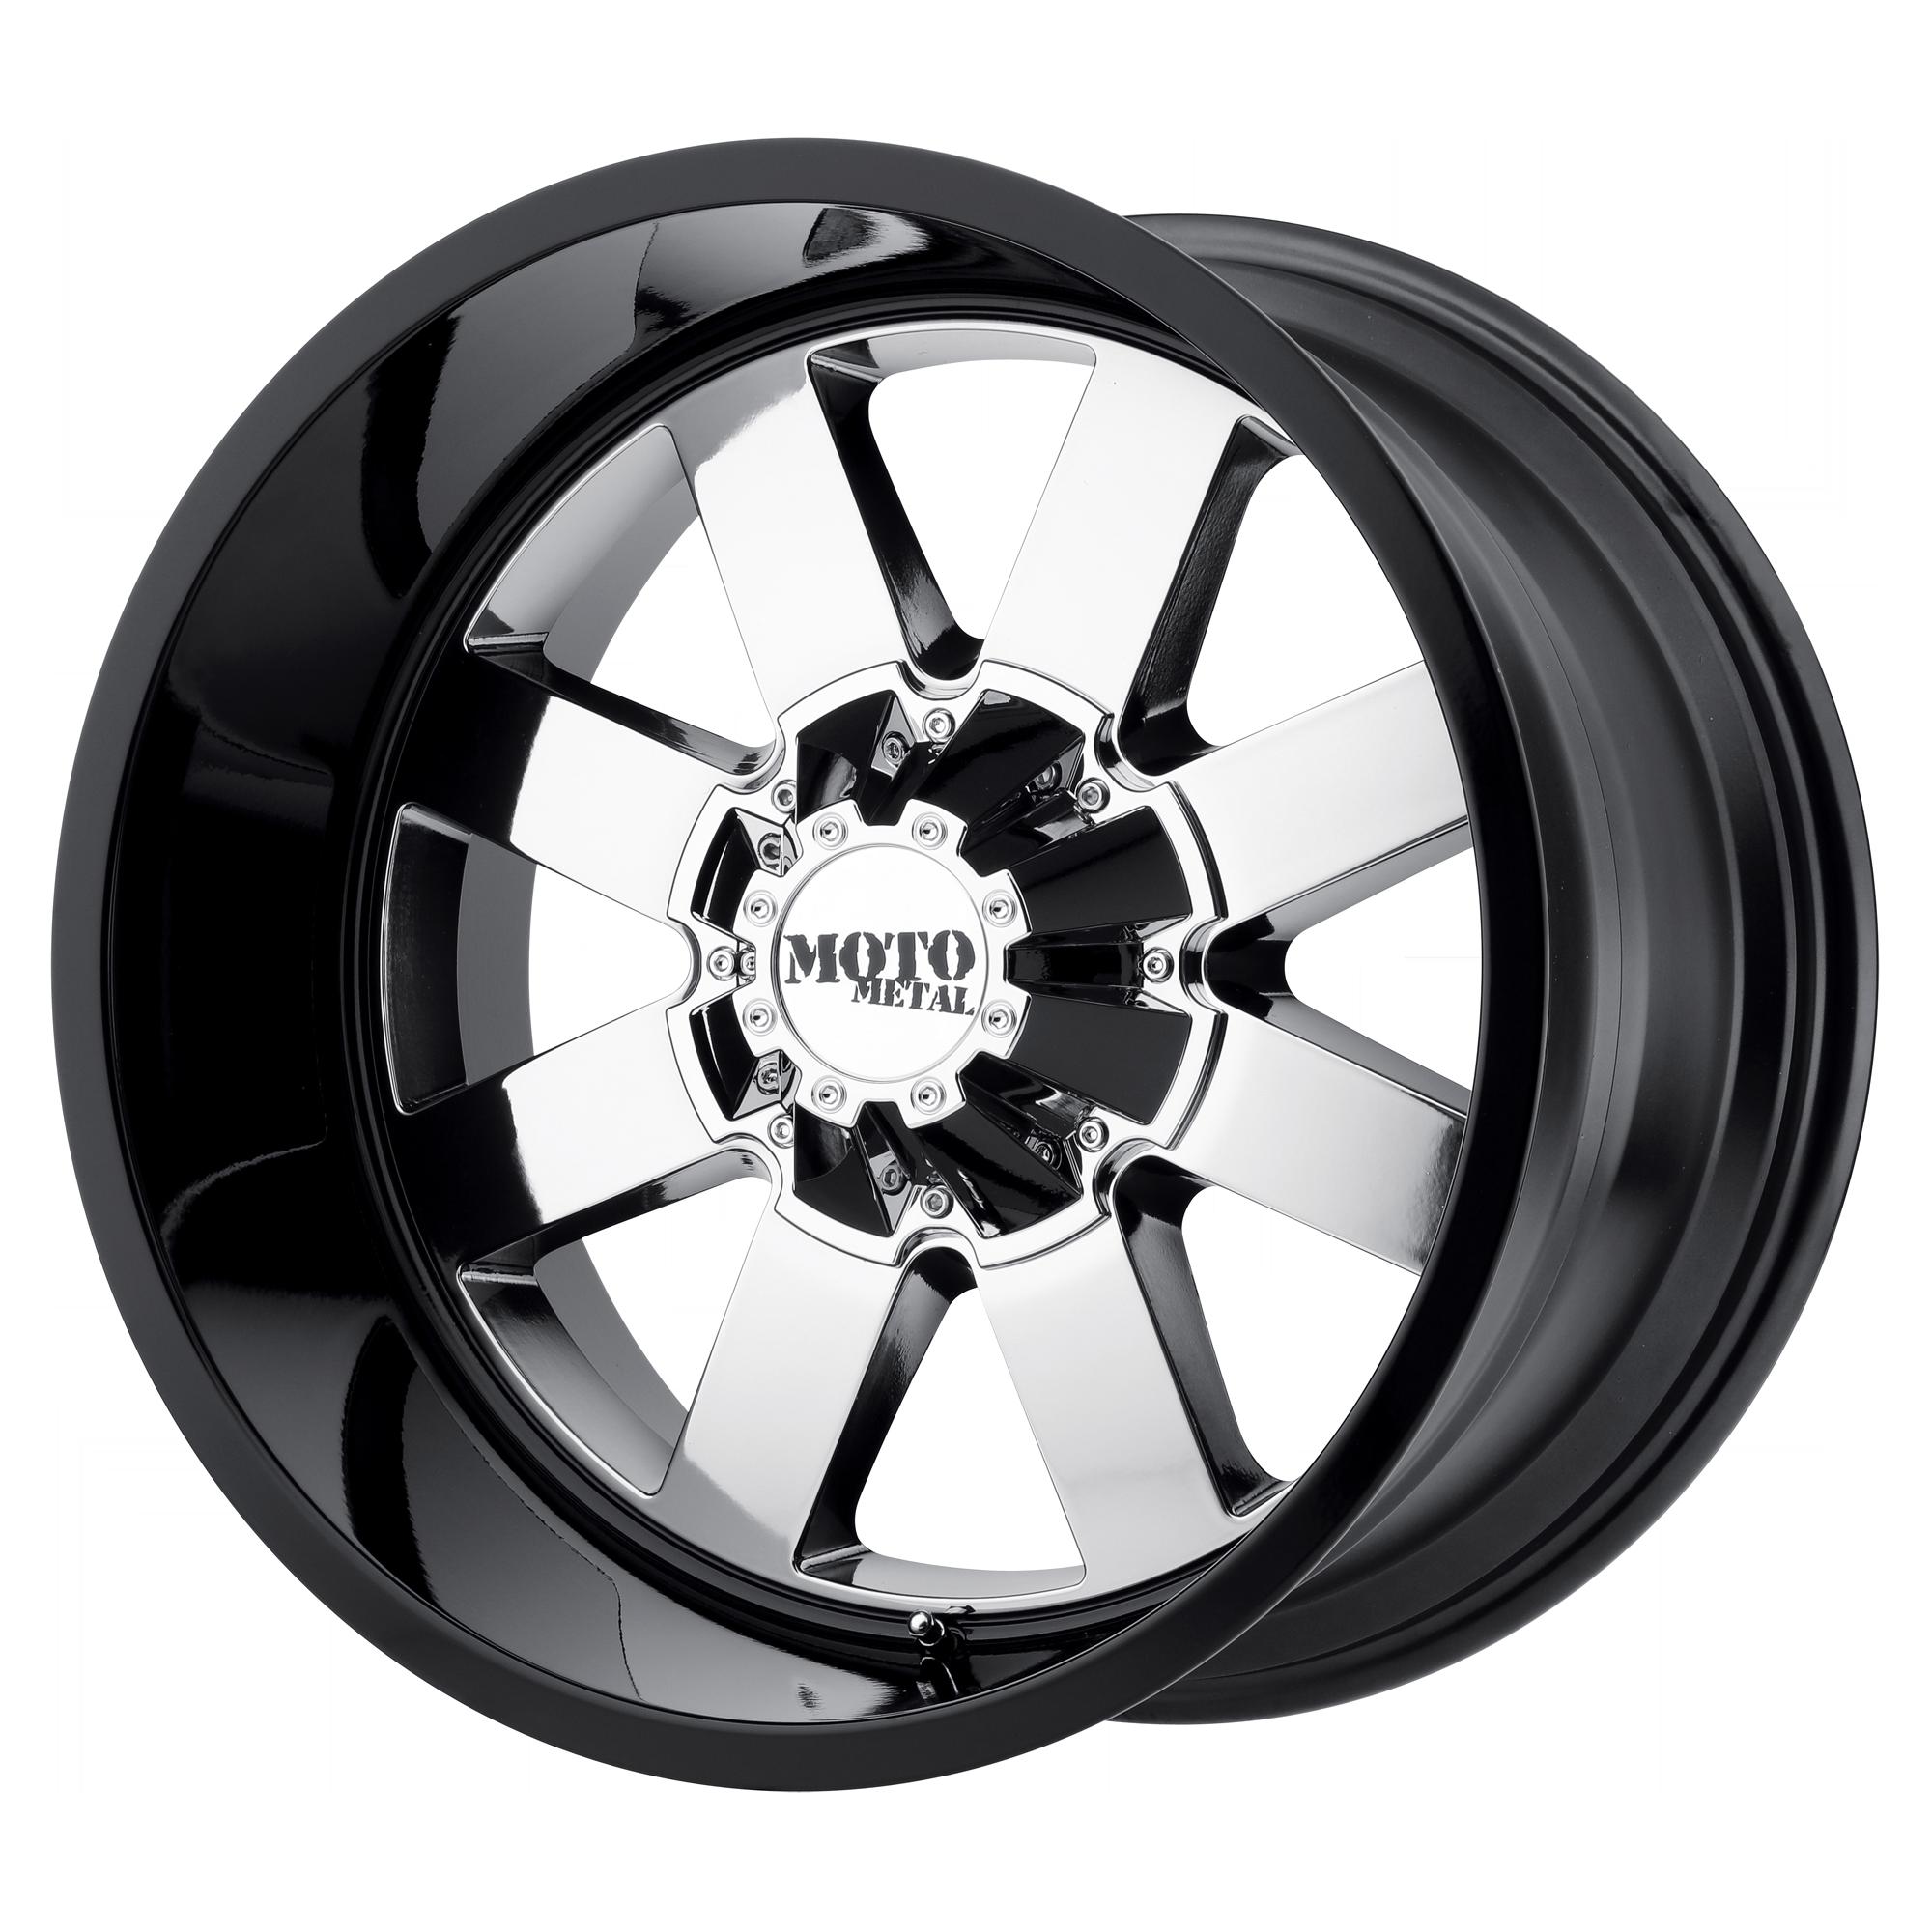 MOTO METAL MO962 hliníkové disky 9x20 5x139,7 ET0 PVD Center Gloss Black Lip